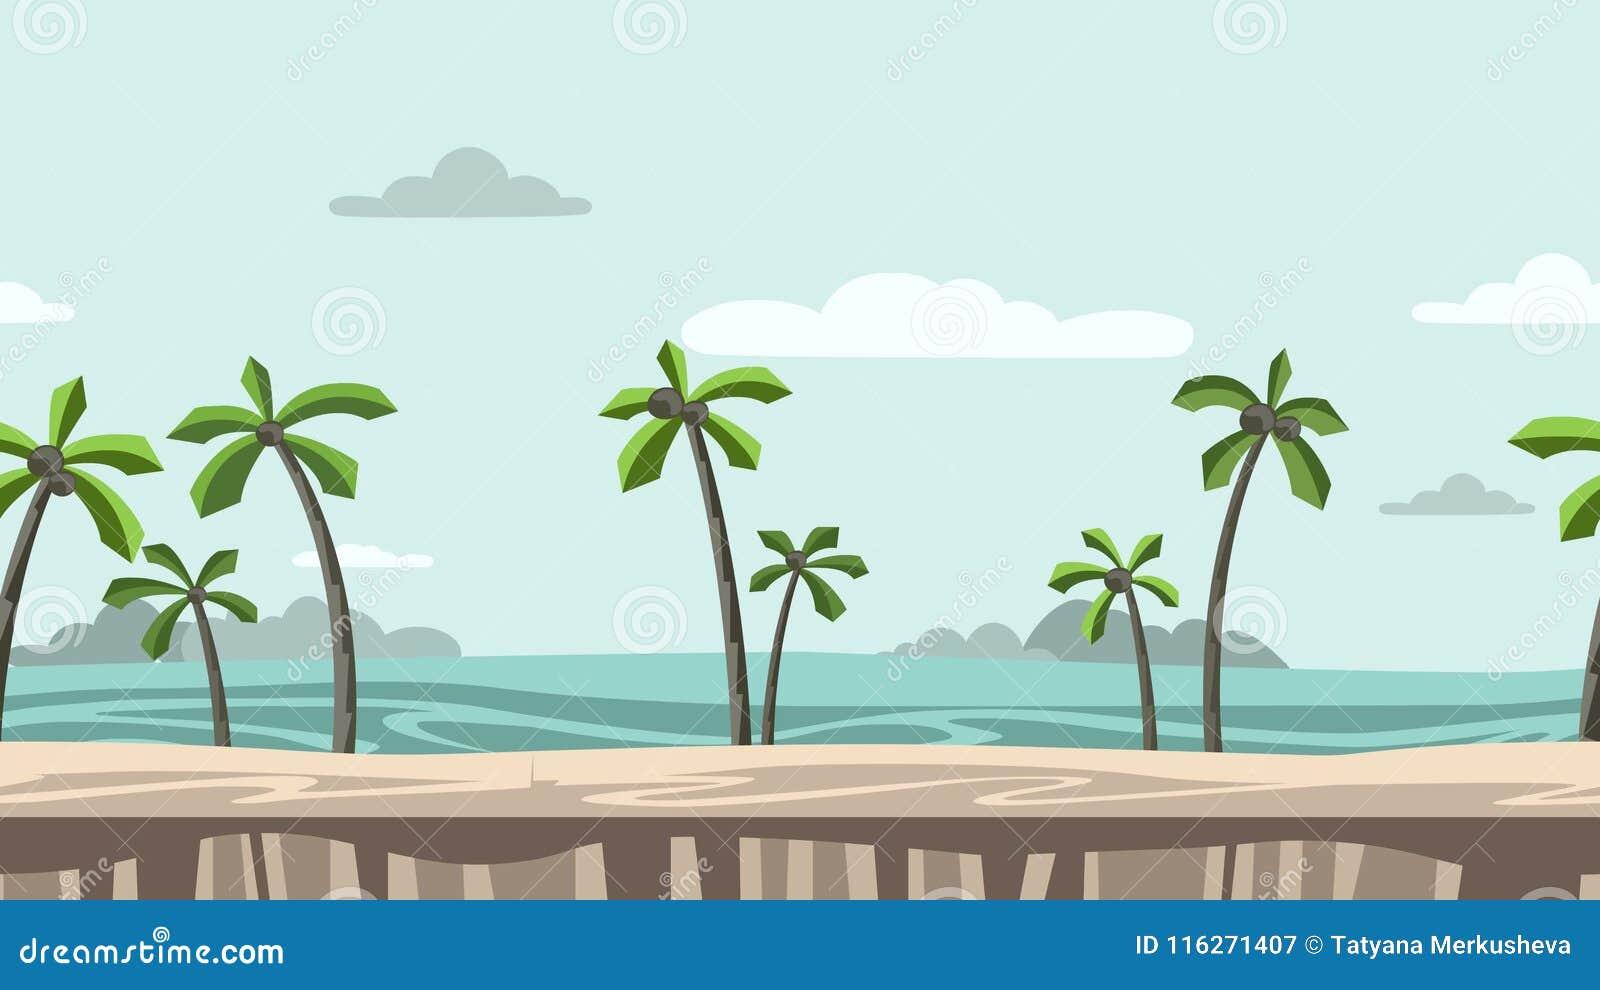 Fondo Animado Playa Con Las Palmeras Y Las Rocas En Horizonte